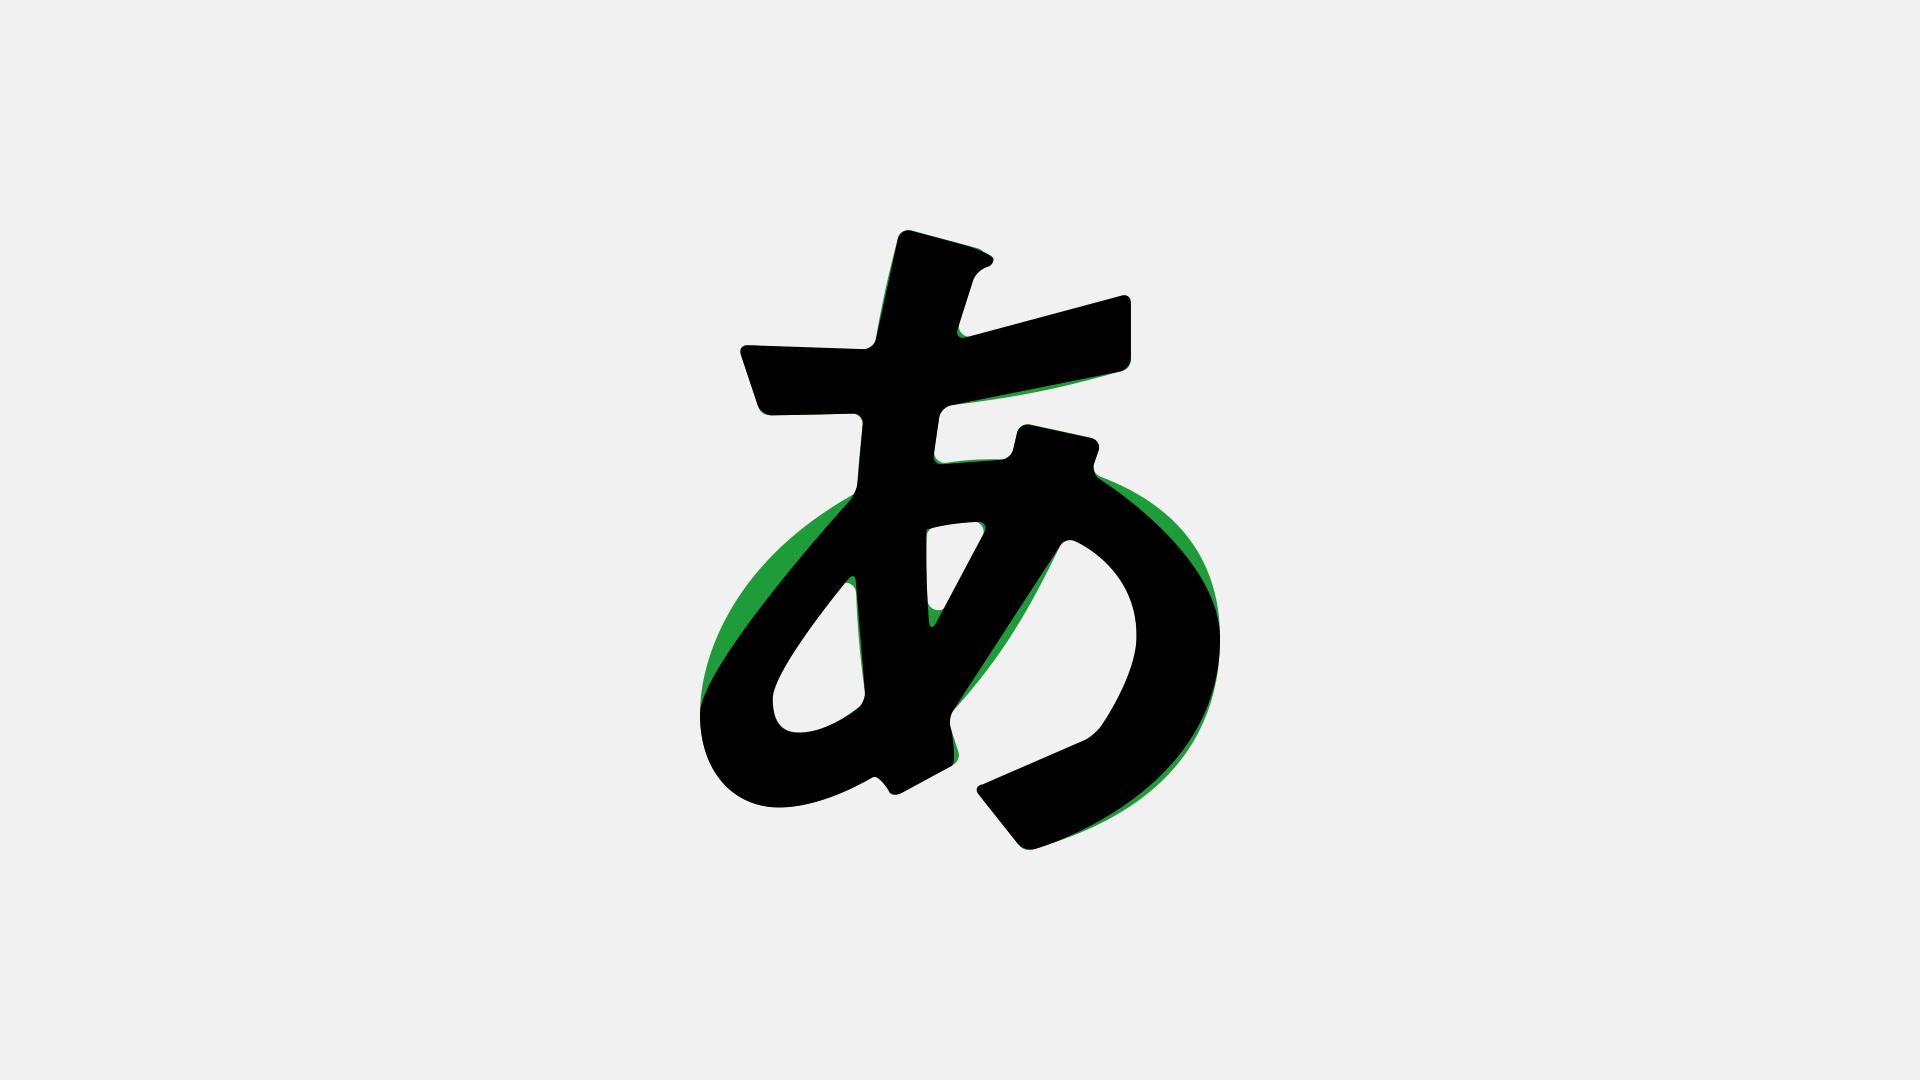 illustratorでスタイライズを使わず文字や複雑な図形の角を丸くする方法